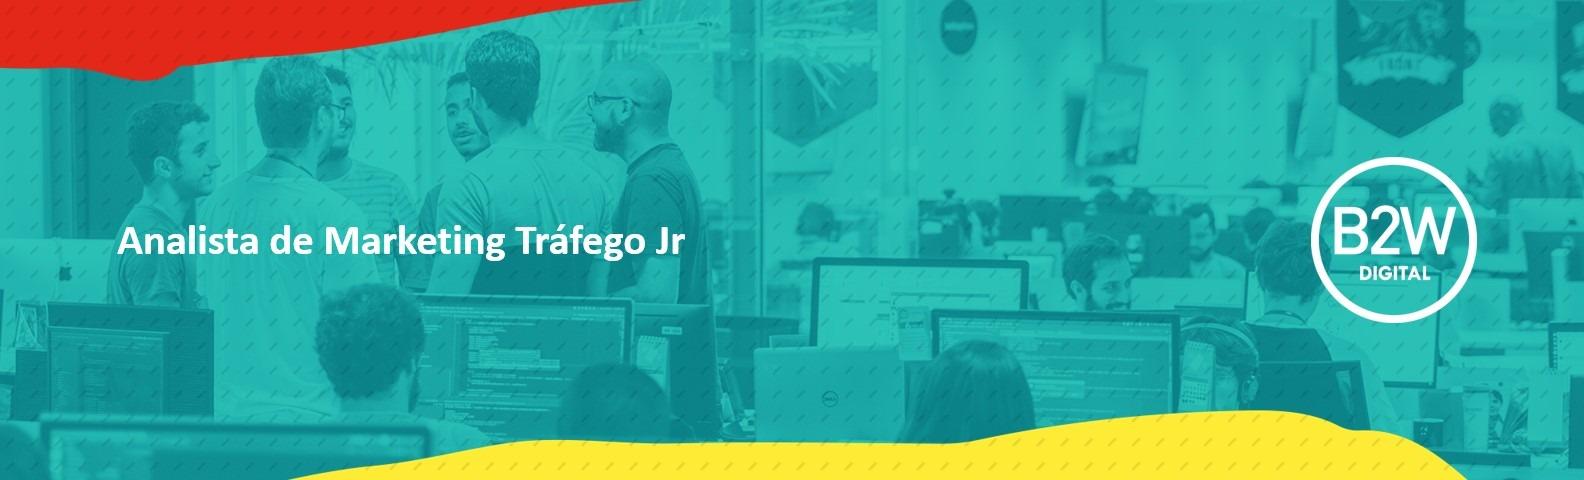 Analista de Marketing Tráfego Jr